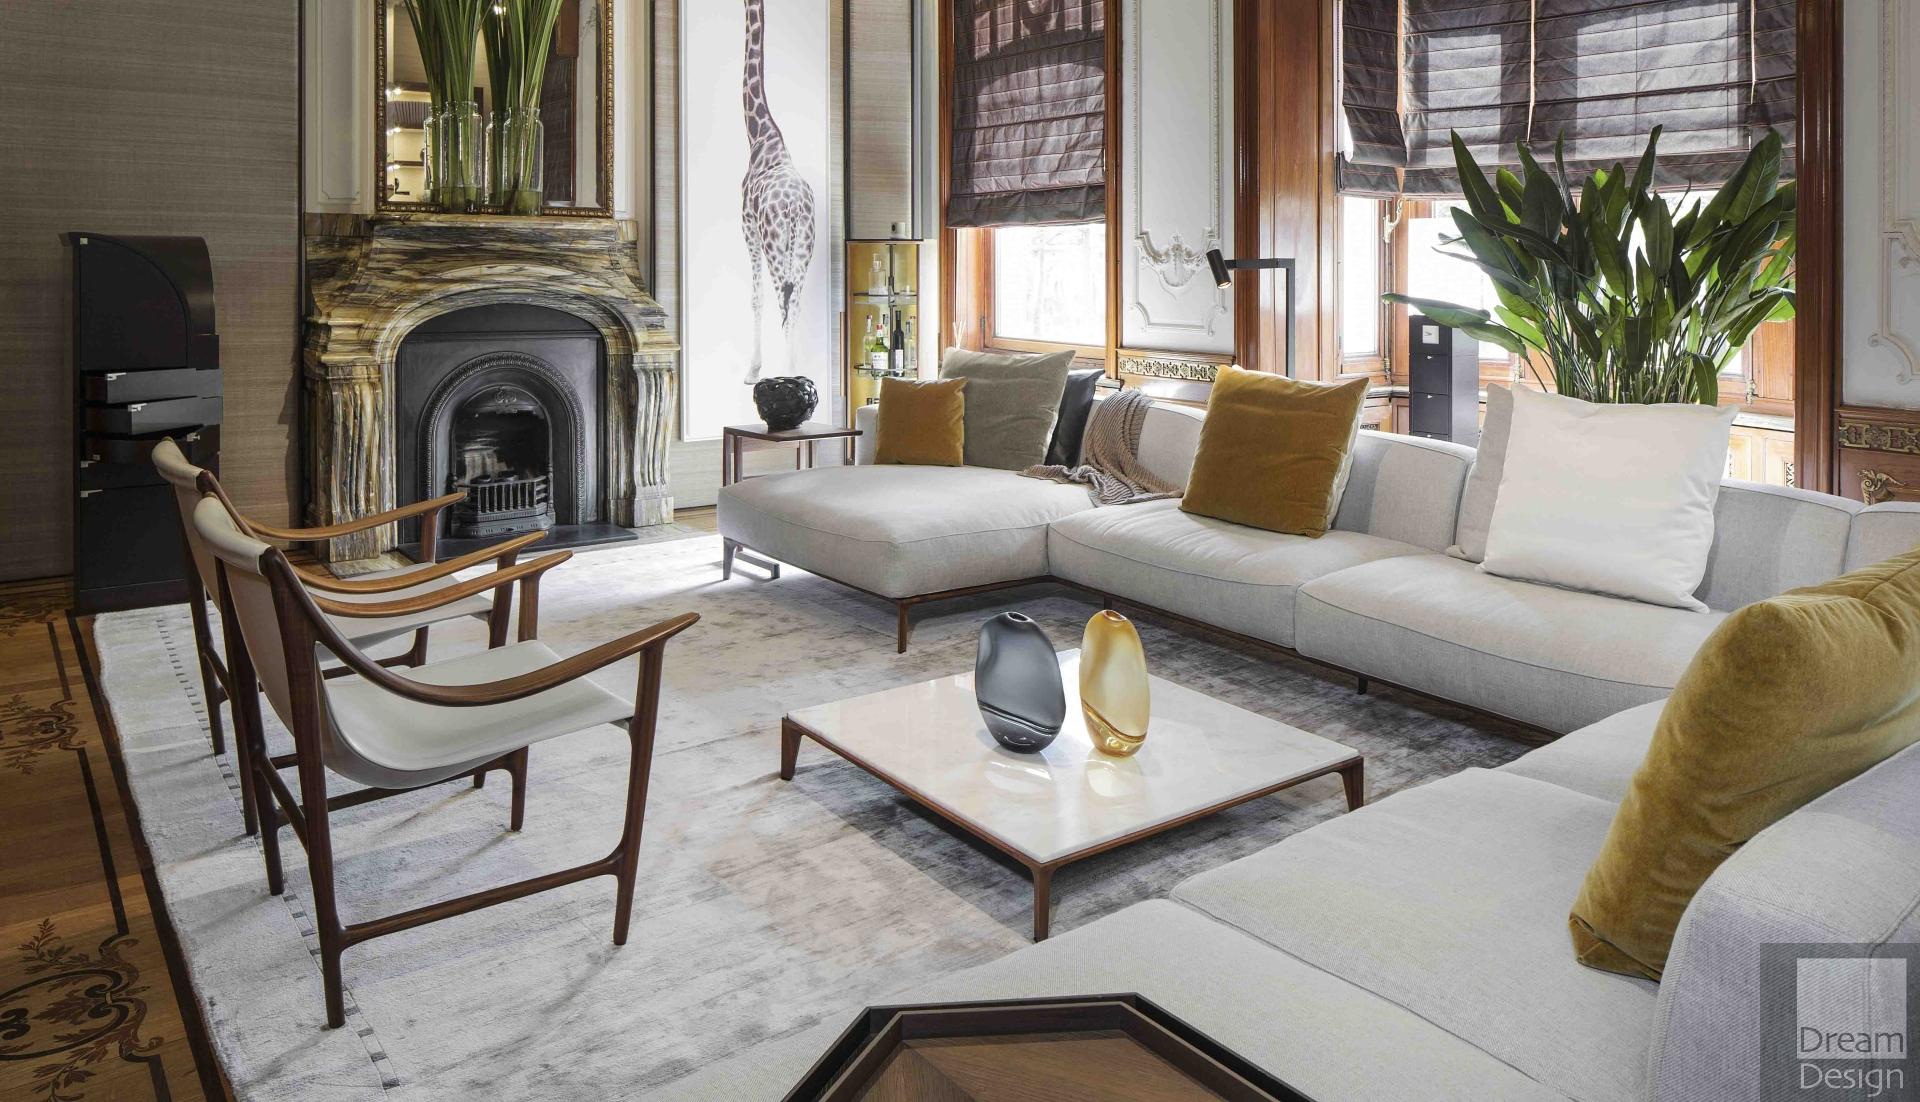 Giorgetti Aton Corner Sofa